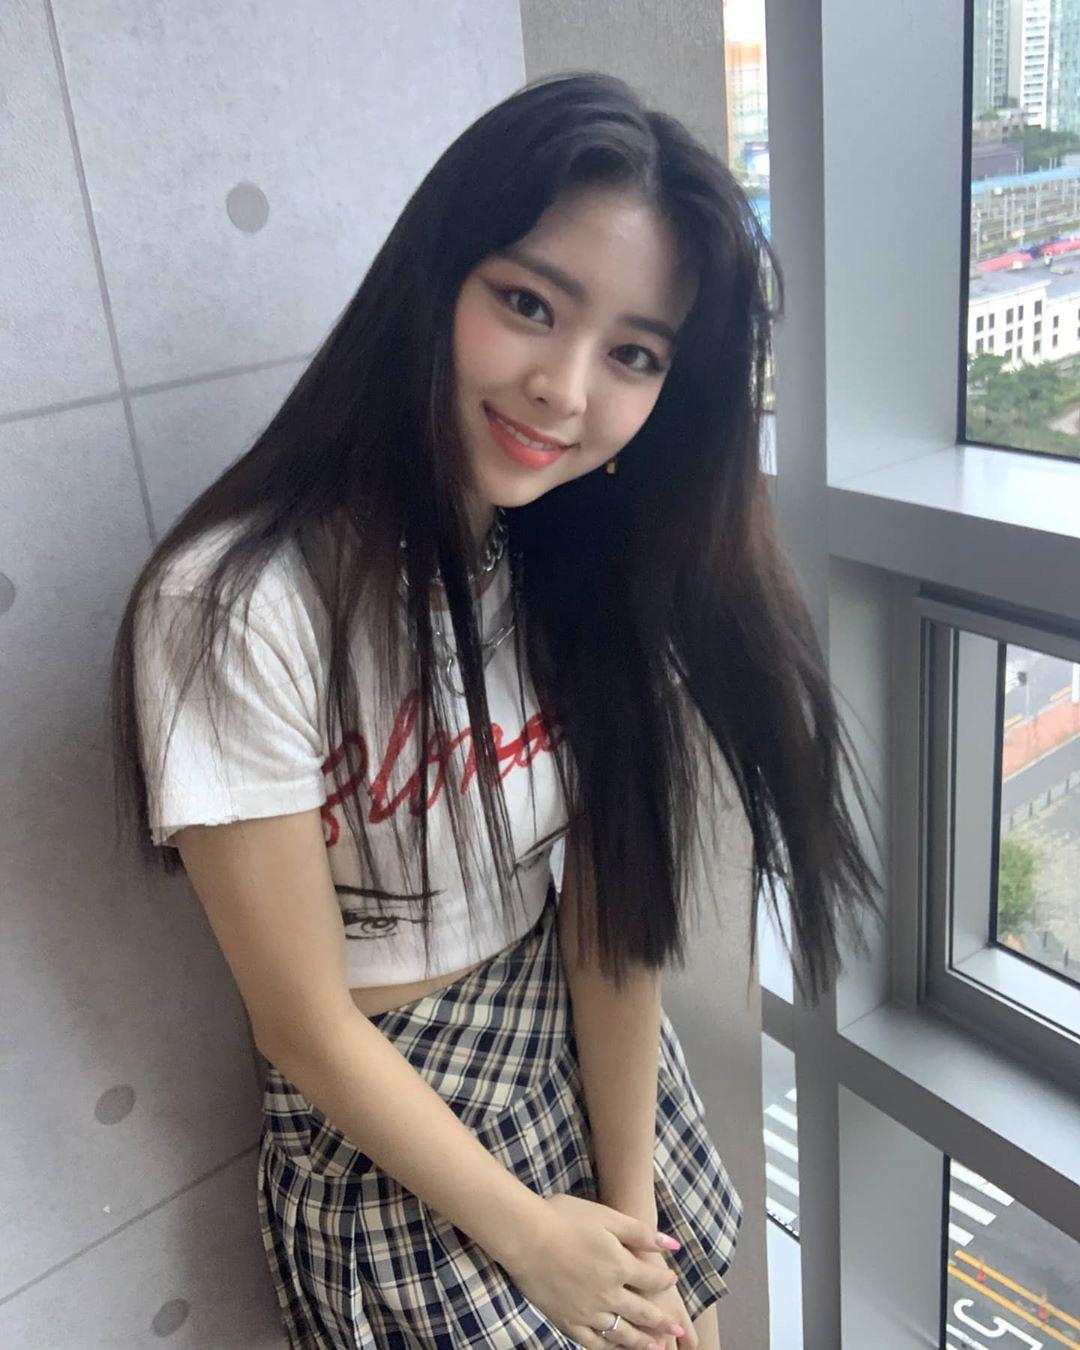 11 set đồ đời thường xinh trẻ của sao Hàn là ý tưởng mặc đẹp của chị em - Ảnh 4.